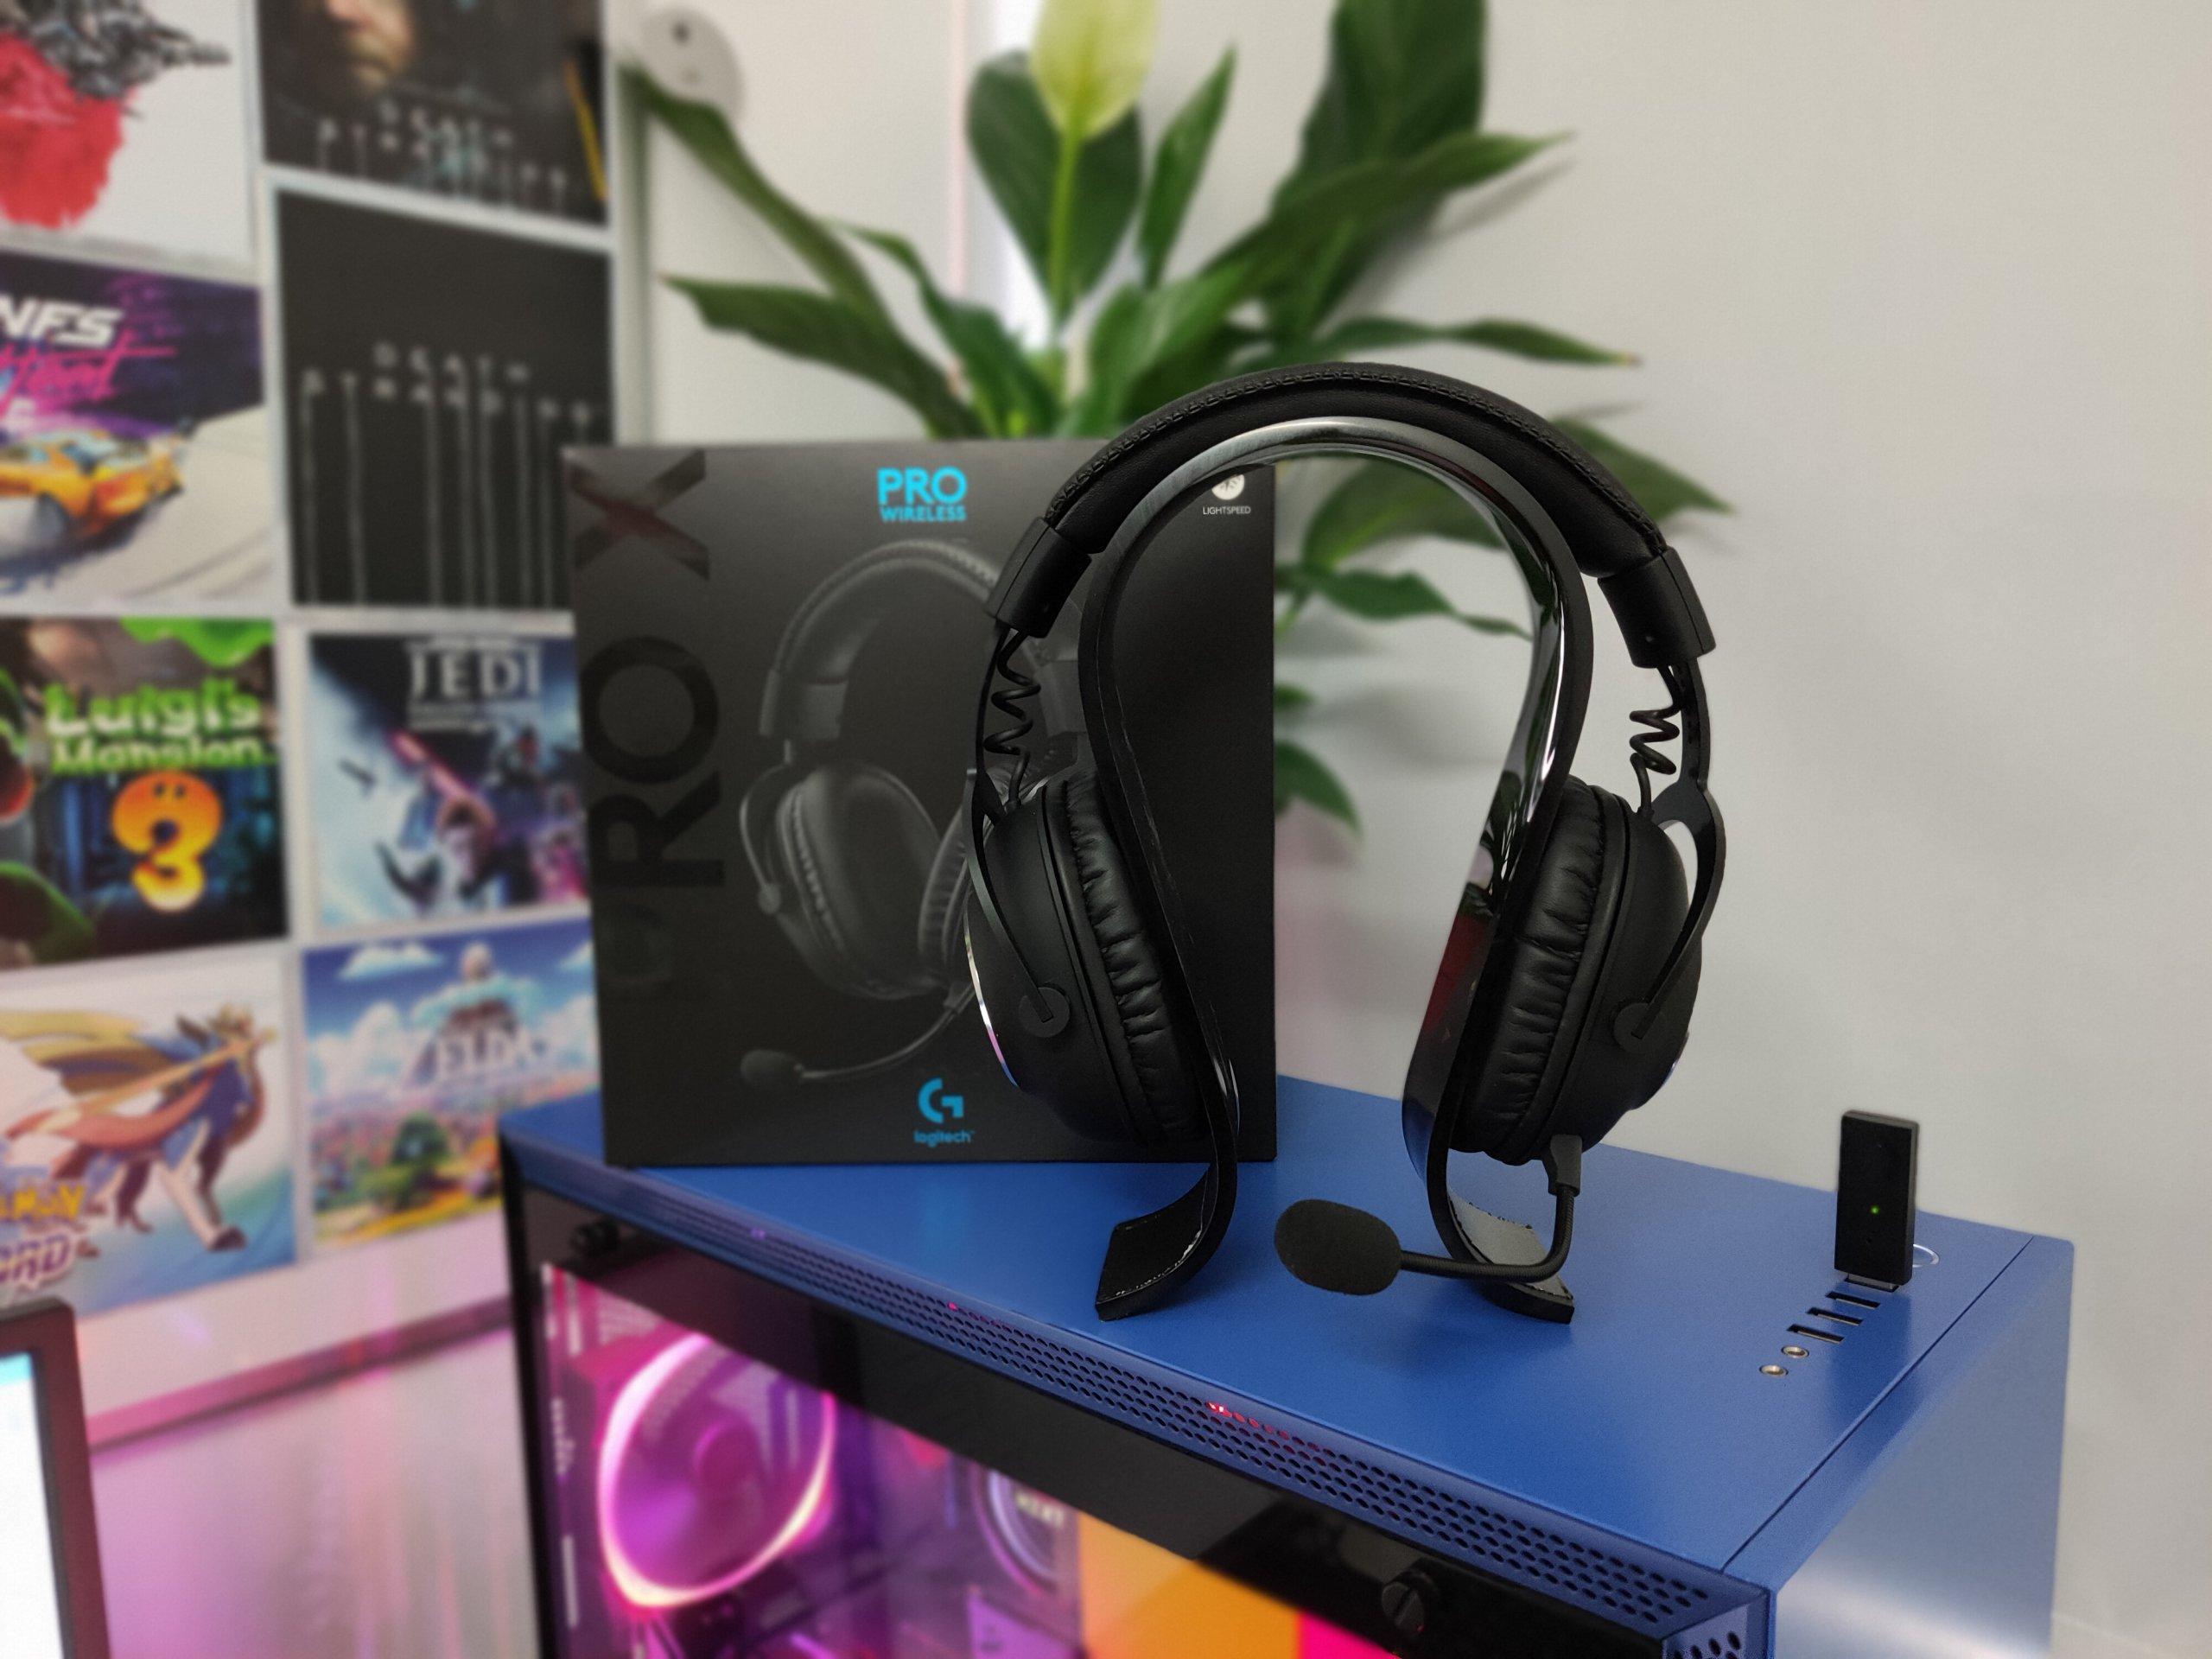 logitech-pro-x-wireless-een-pro-in-audio